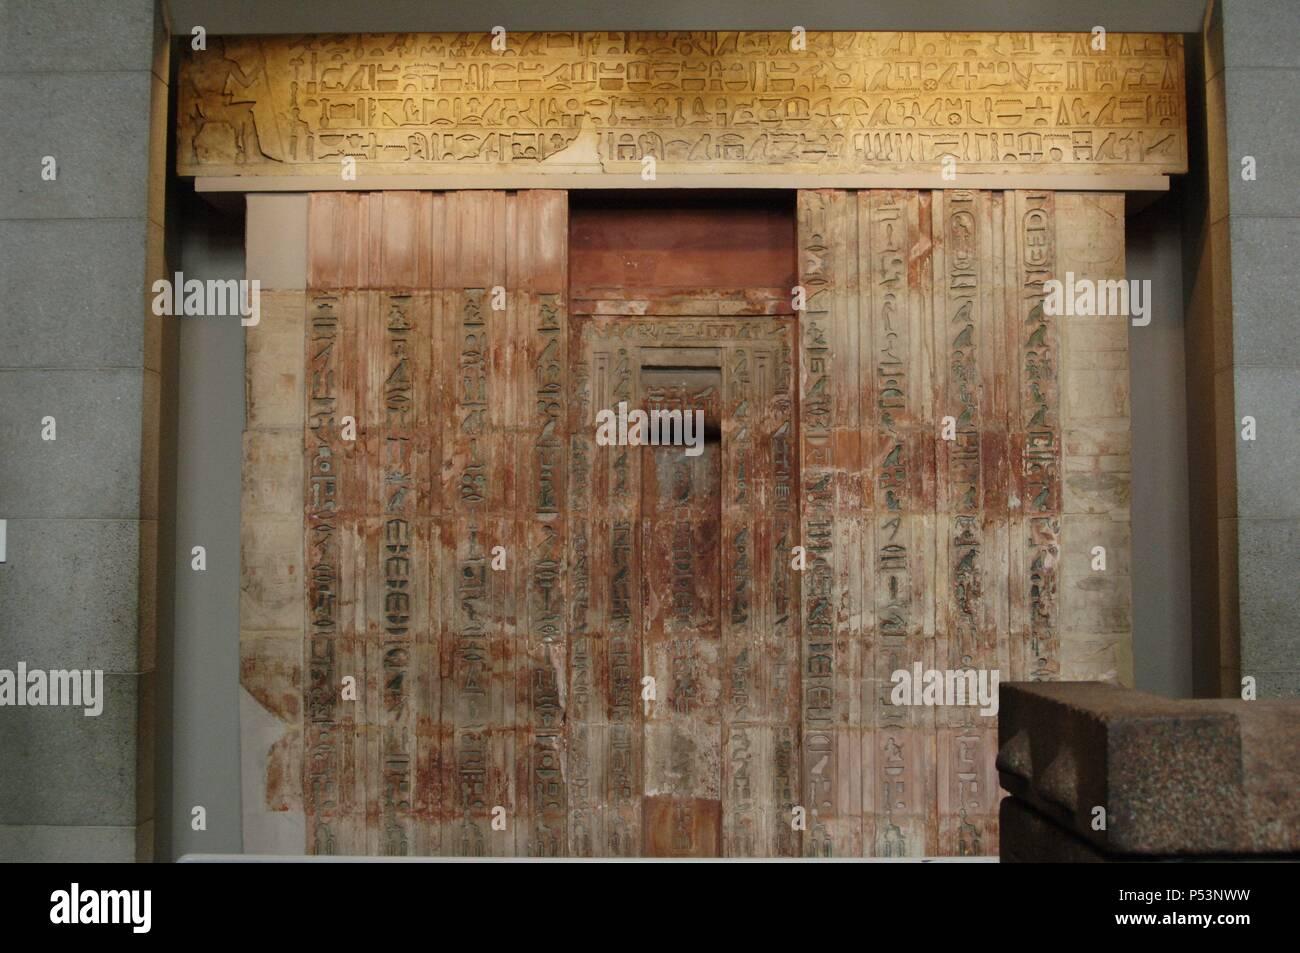 Kalkstein Falsche Tur Der Ptahshepses Die Platten Verkleidet Auf